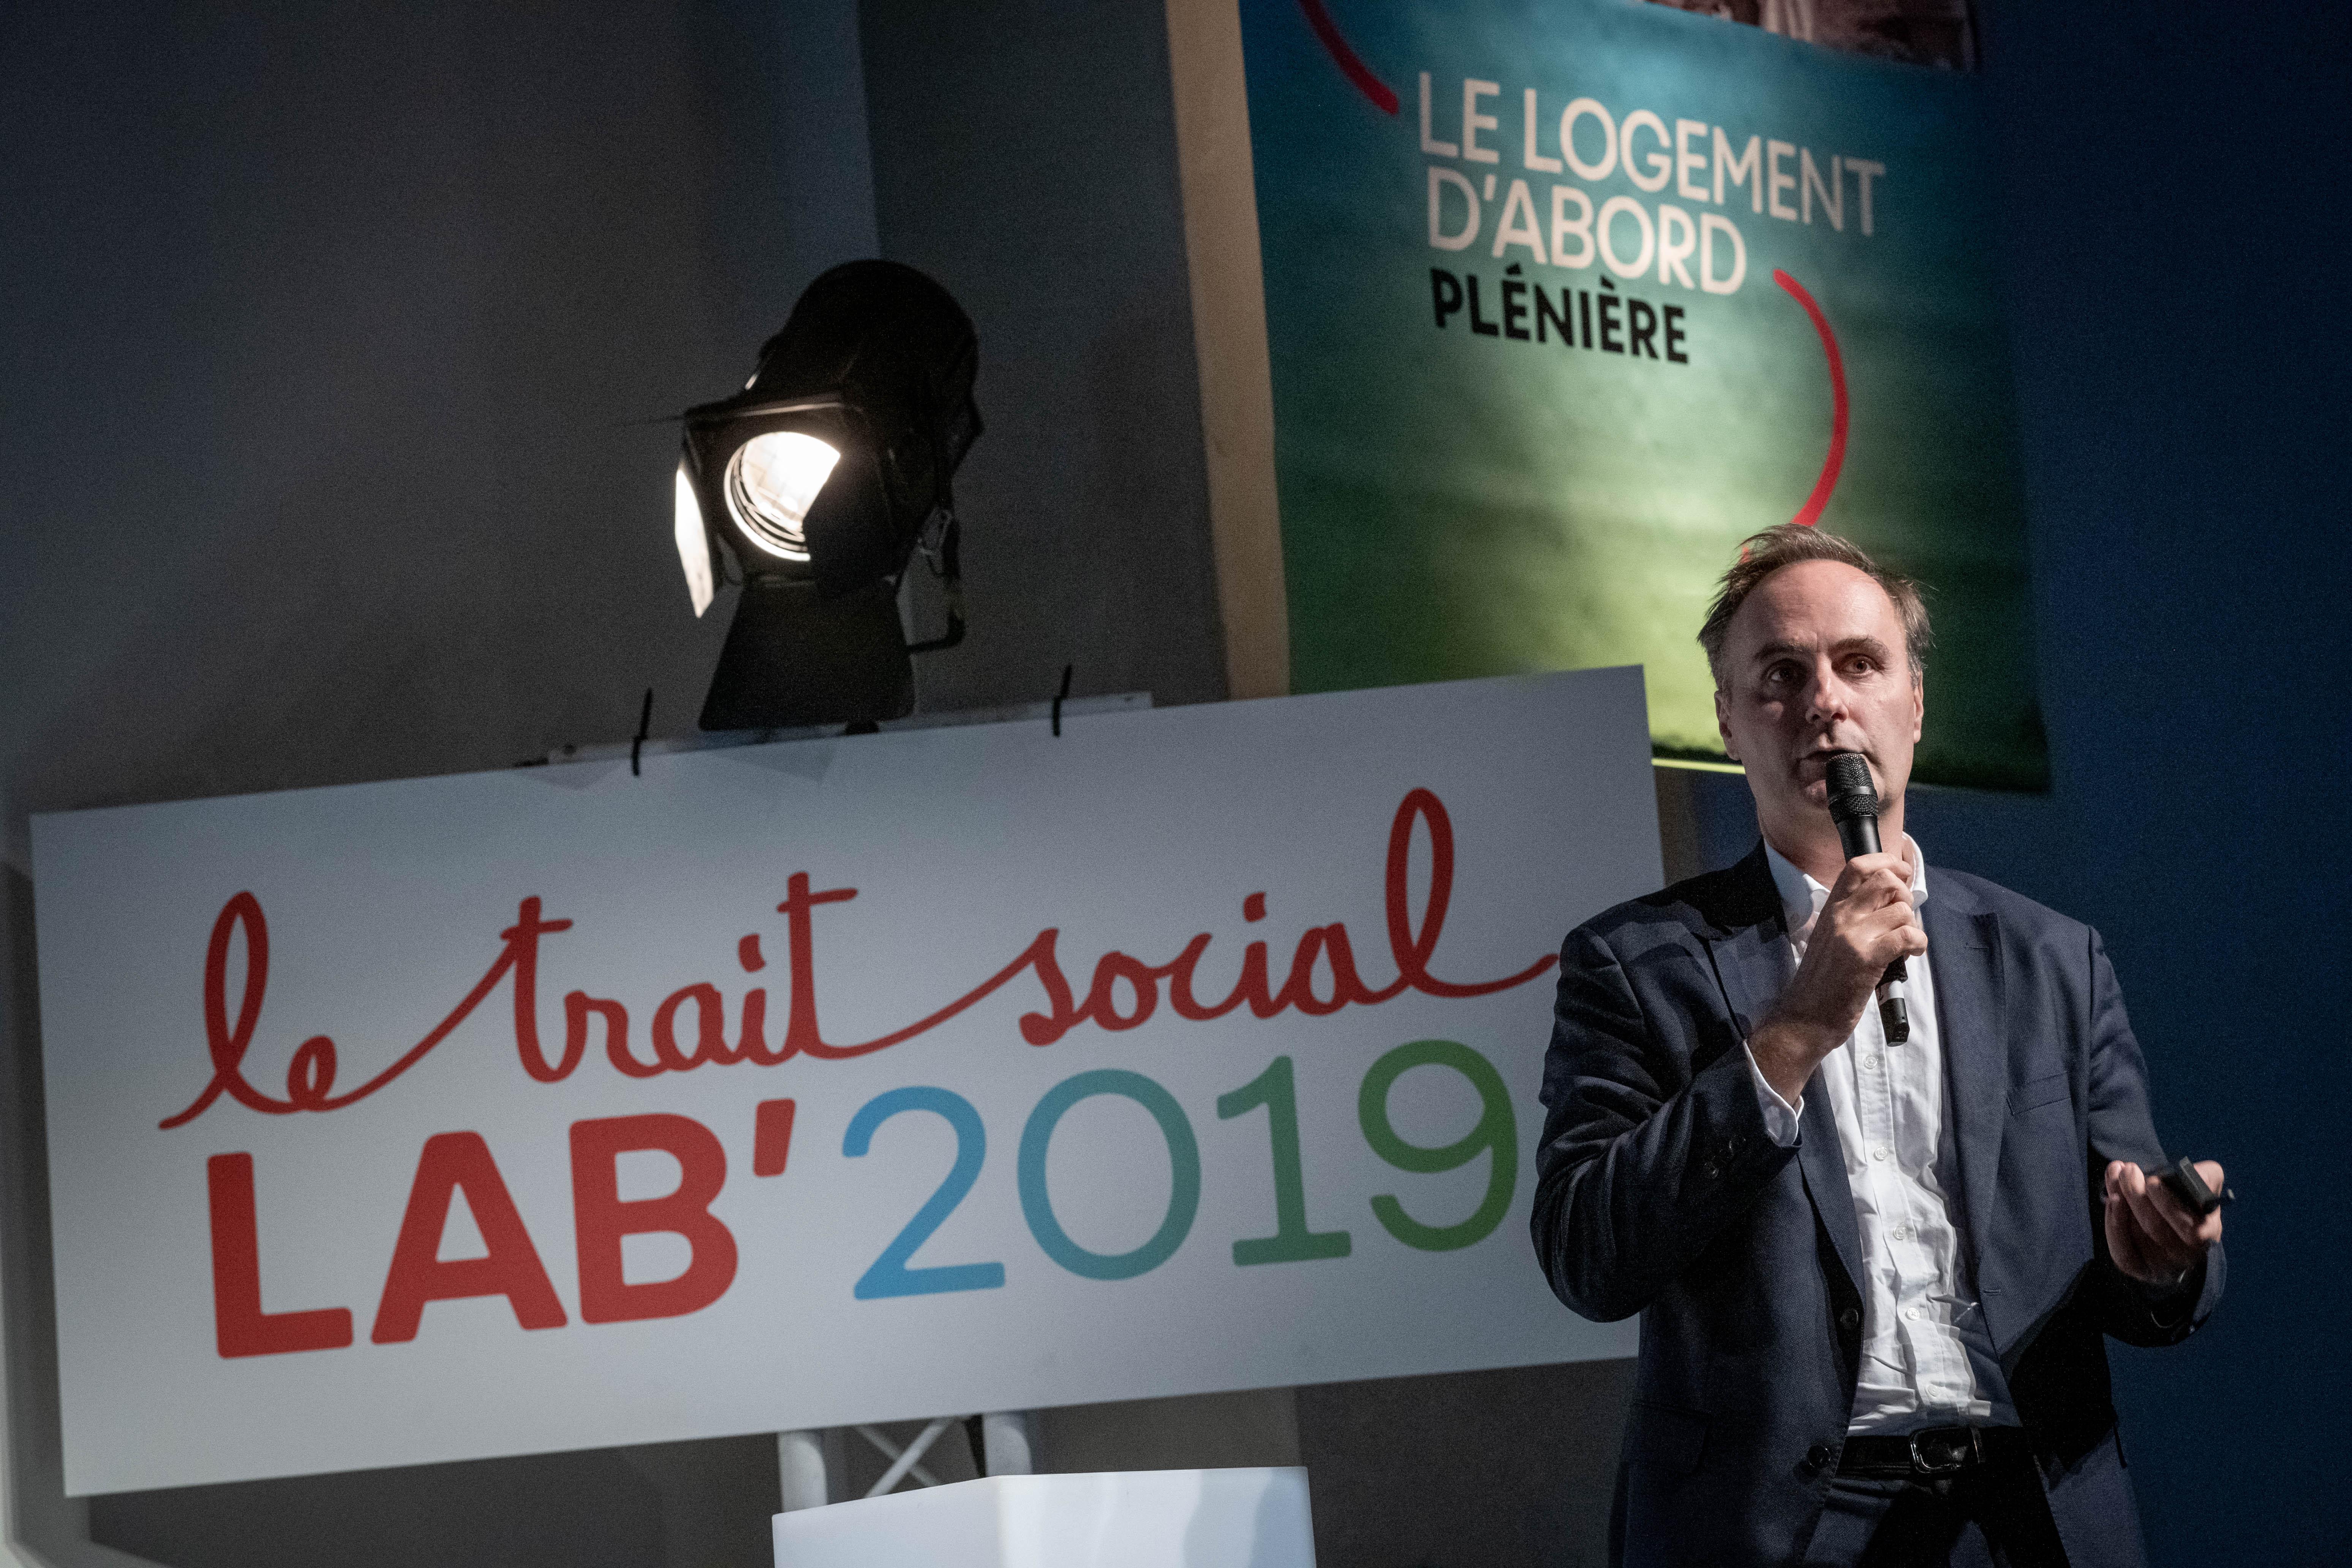 Rétrospective du LAB'2019 TRAIT SOCIAL